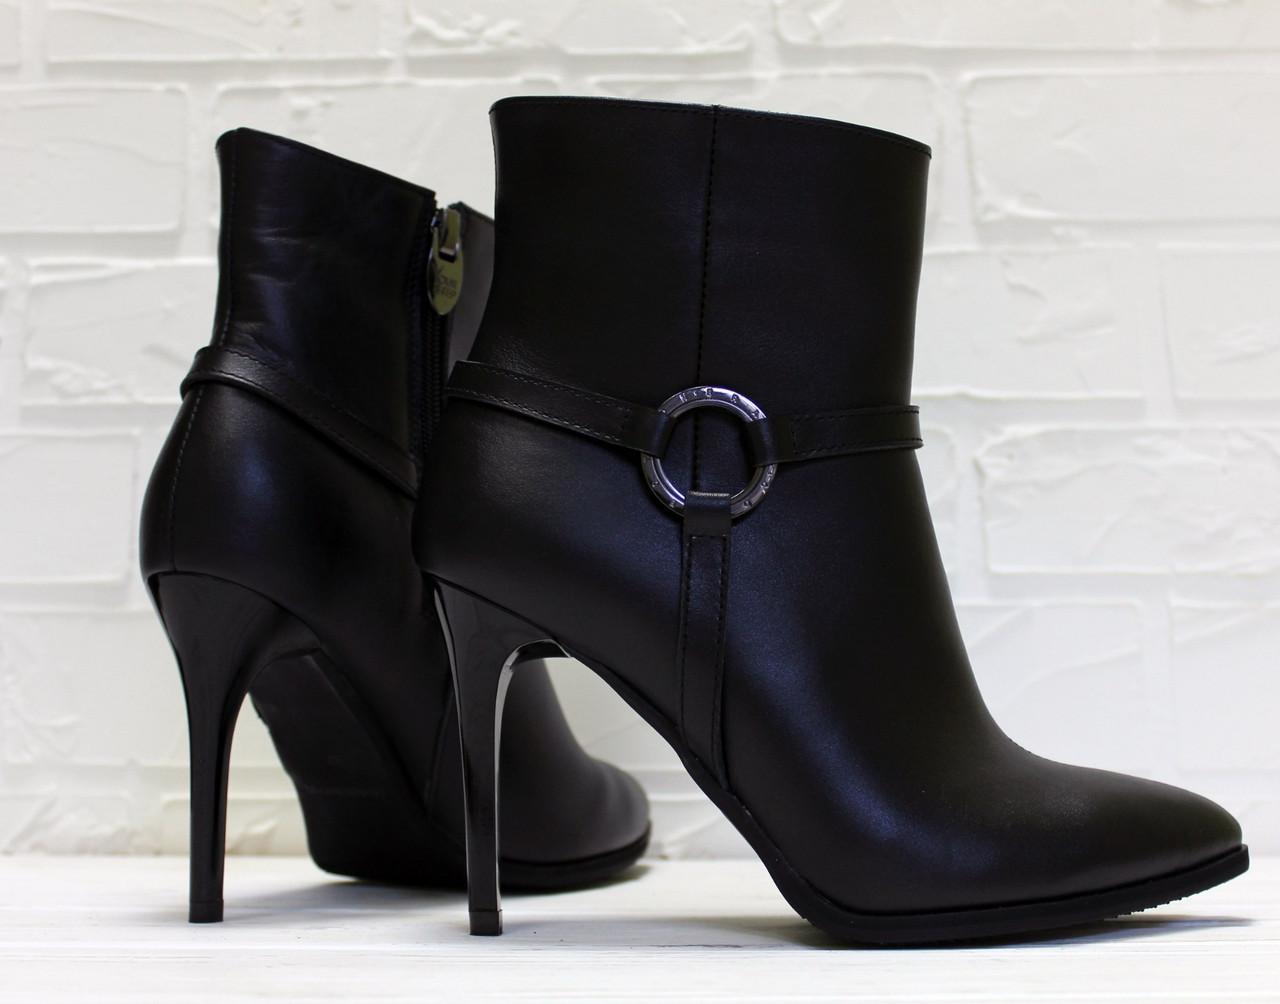 Женские ботинки на шпильке, натуральная кожа. Возможен отшив в других цветах кожи и замша